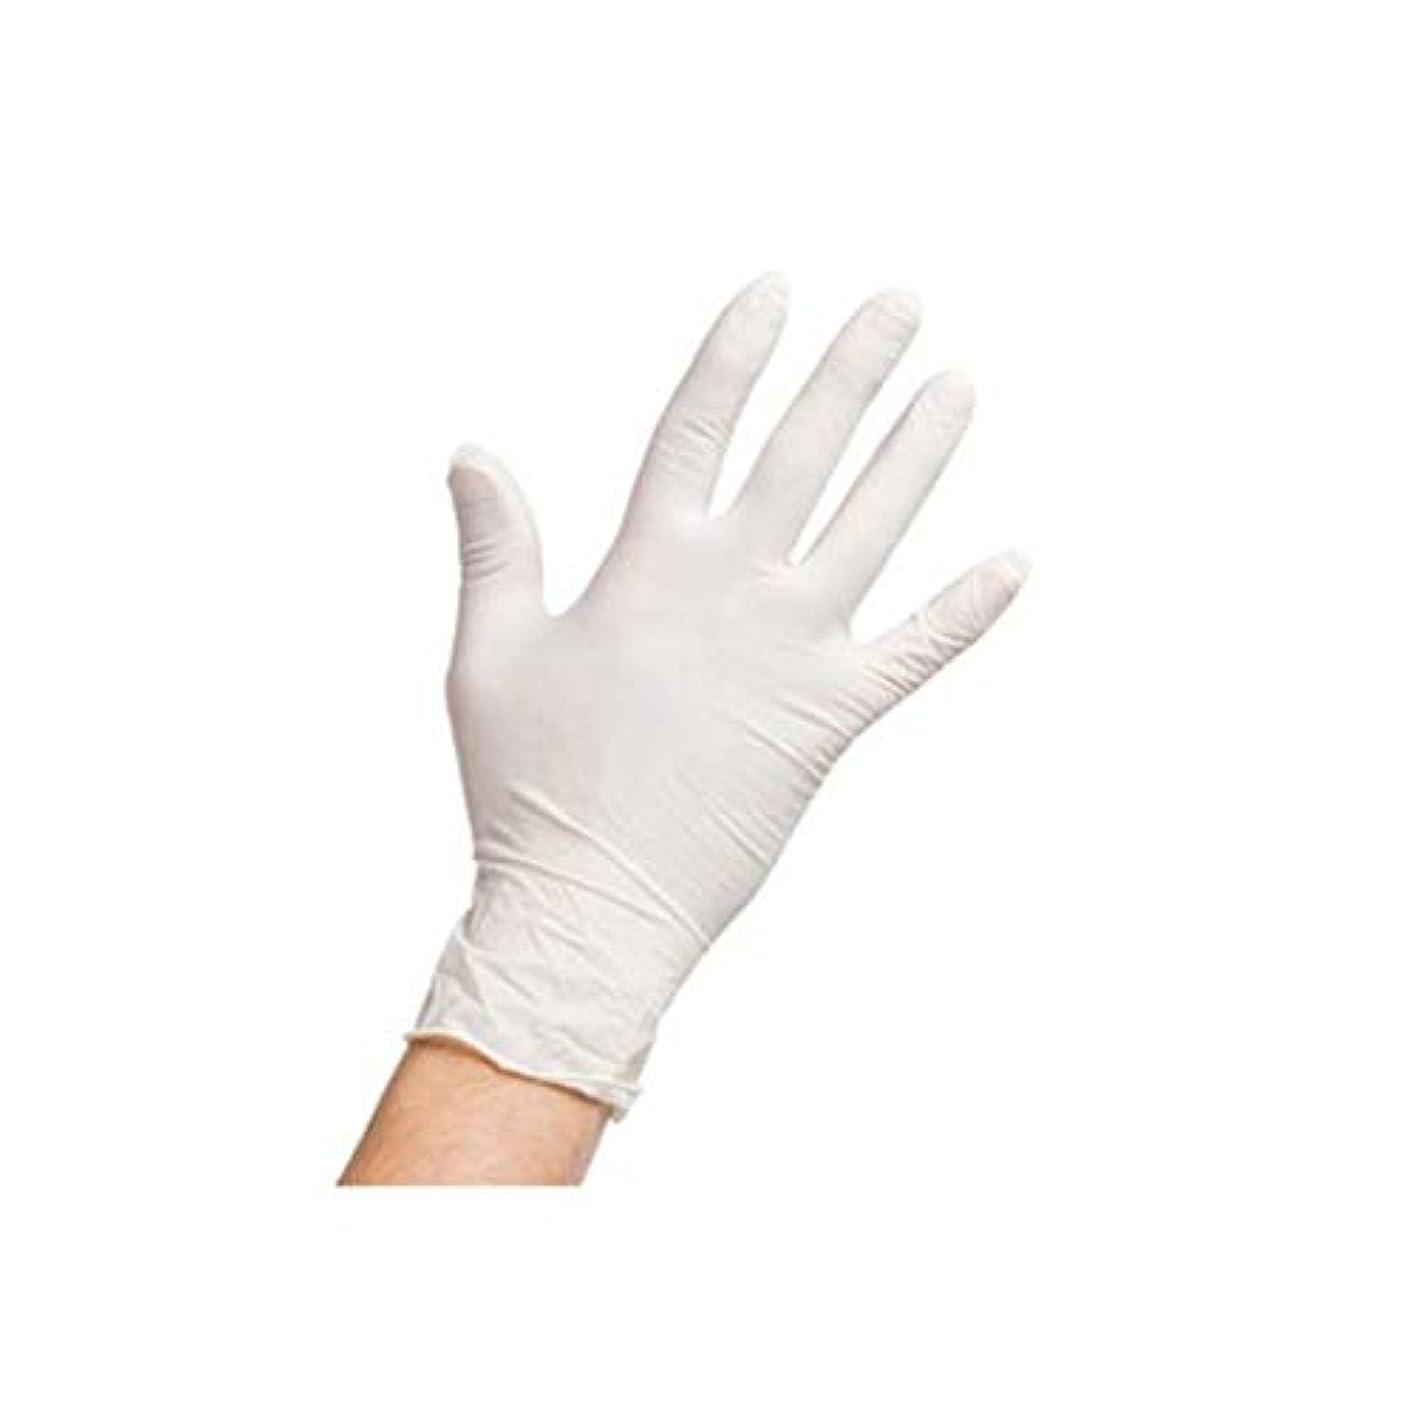 パシフィック宇宙の違法(A1ラテックス) 最高品質のLatex手袋 ニトリル手袋 パウダーフリー 無粉末 200枚(6g Latex、4g Nitrile)【海外配送商品】【並行輸入品】 (S)